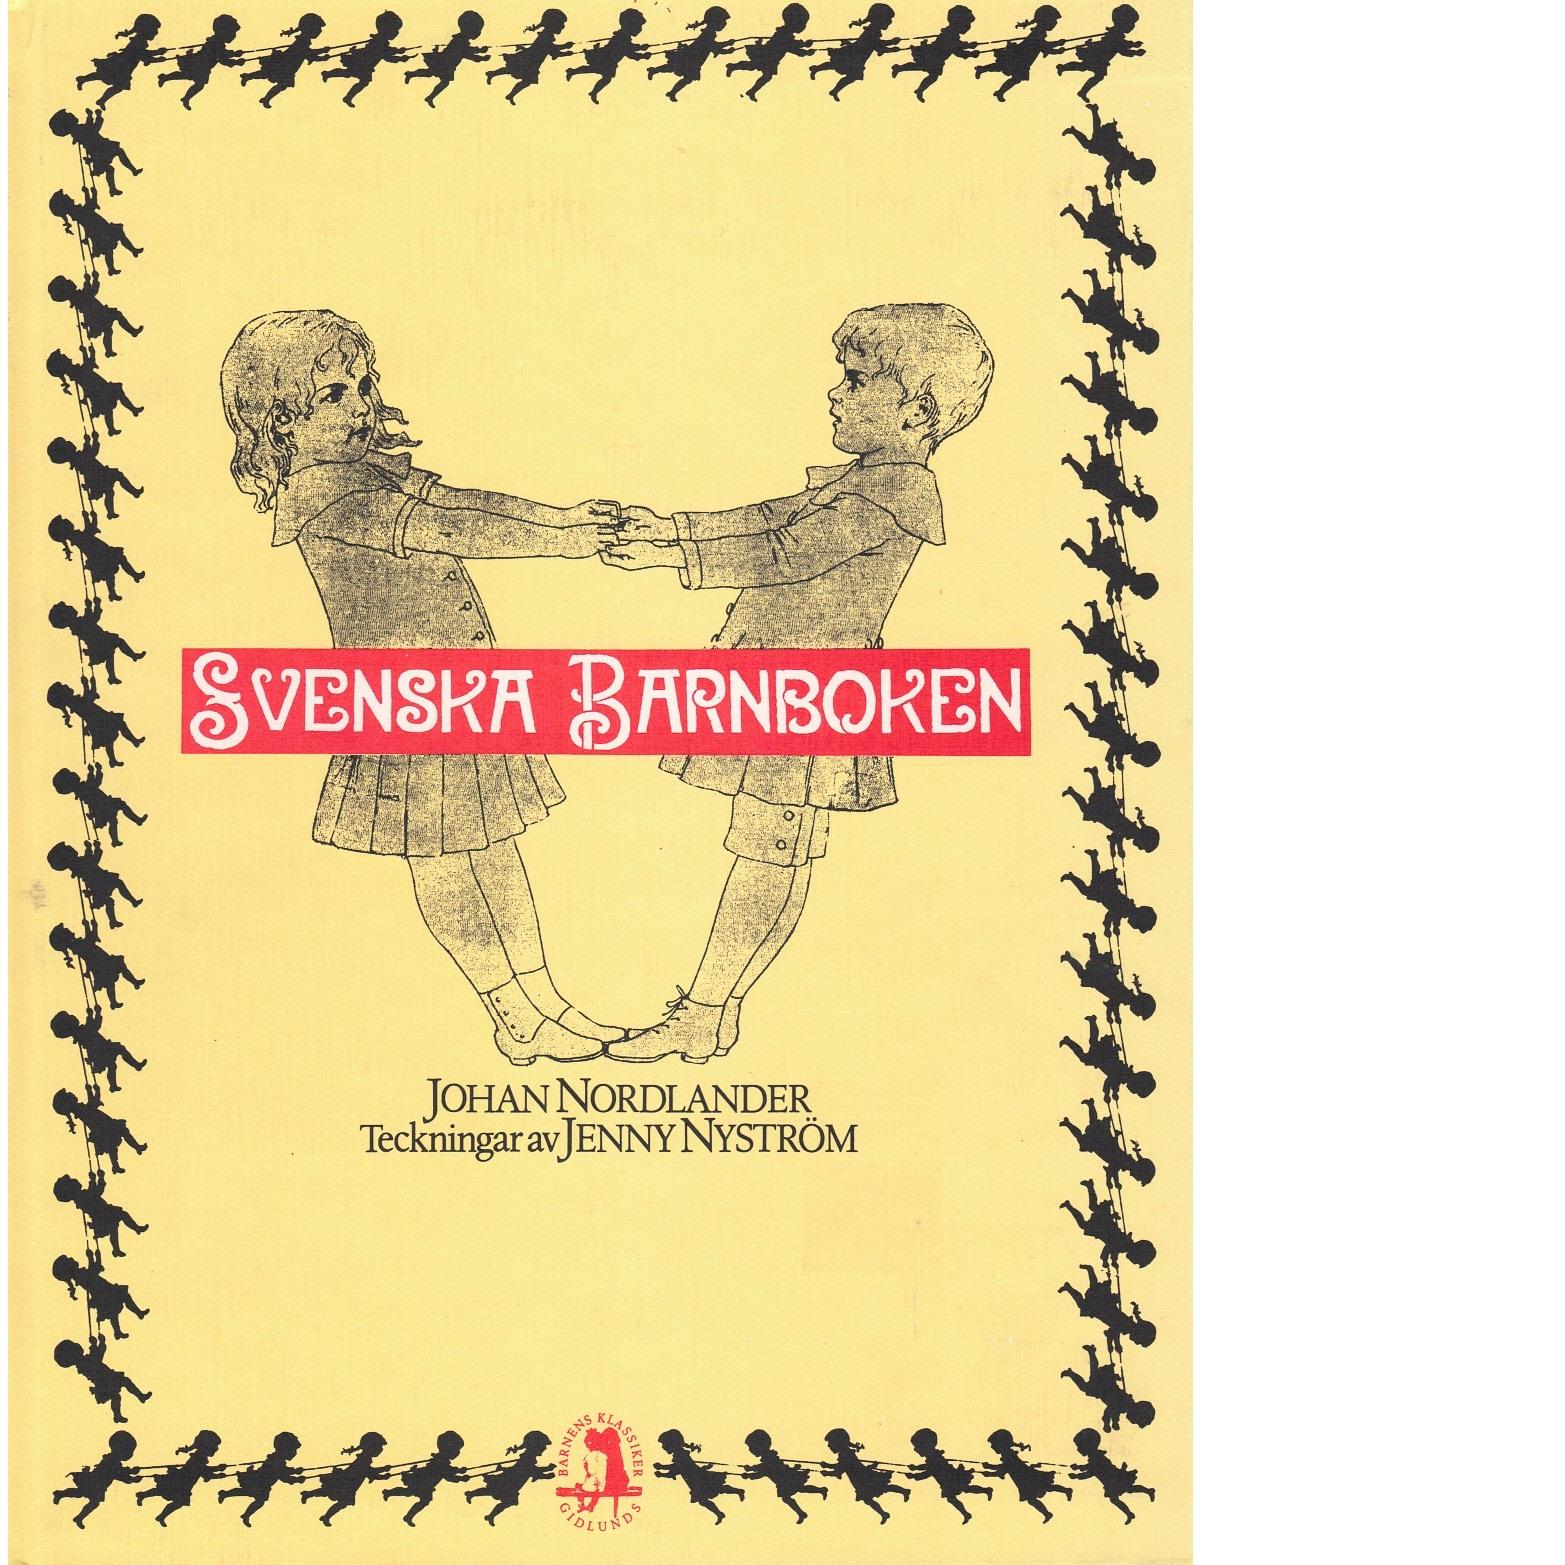 Svenska barnboken / [allmogens barntraditioner samlade av] Johan Nordlander ; teckningar av Jenny Nyström - Red.